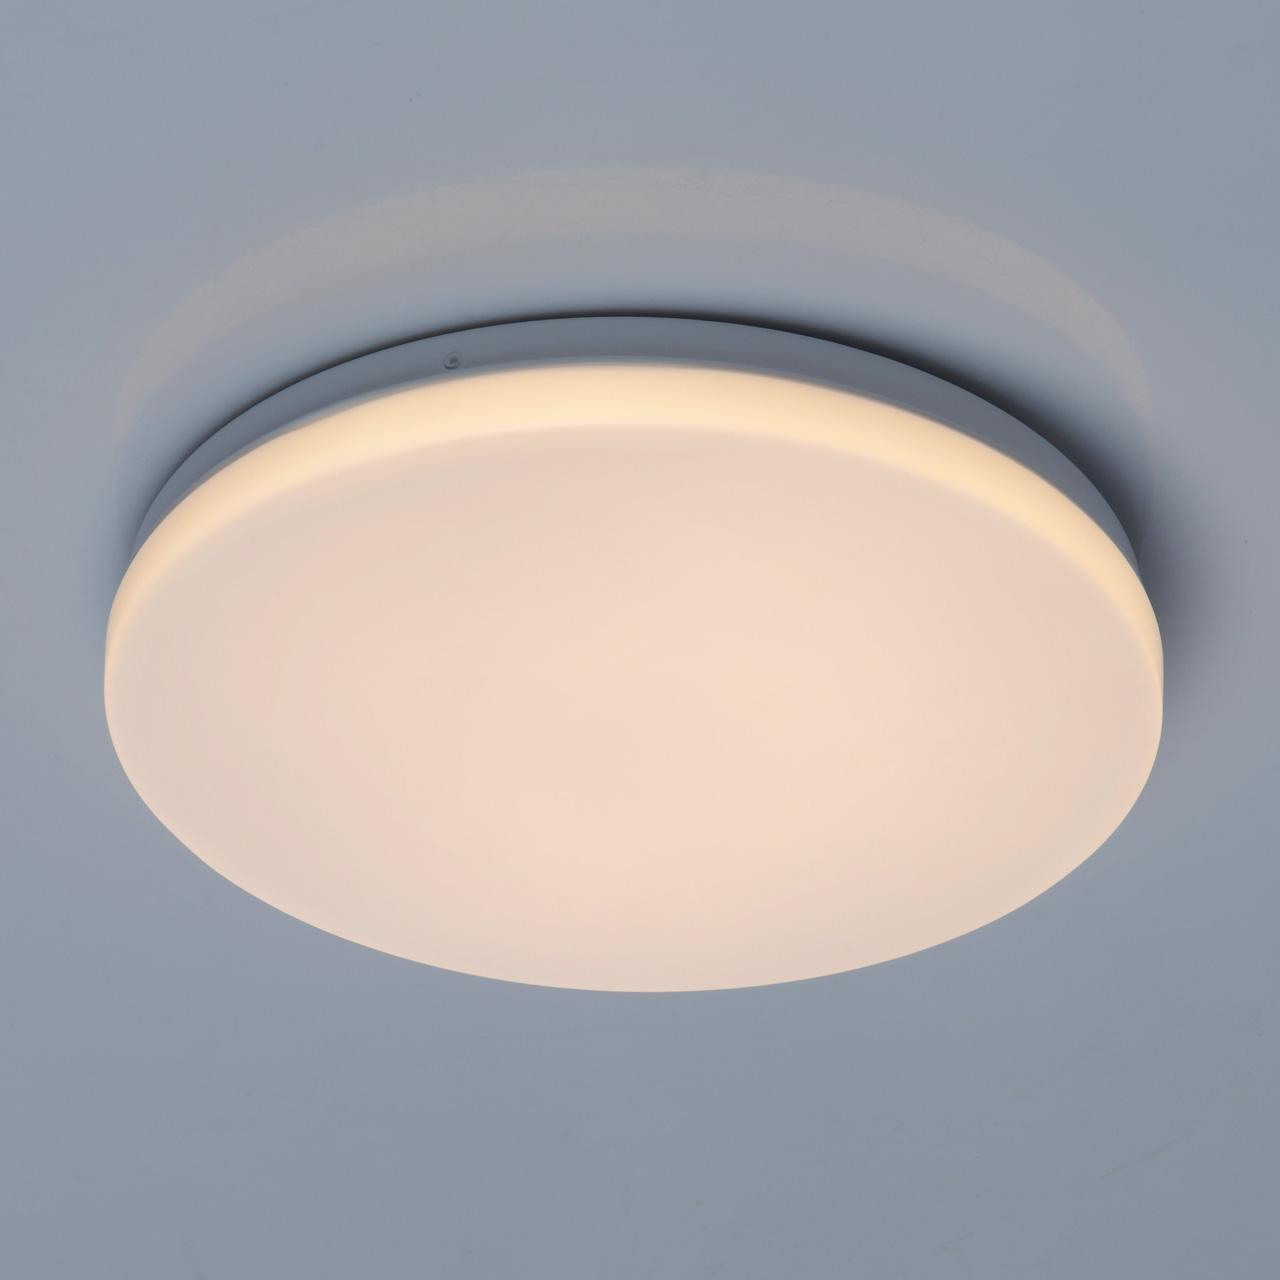 Потолочный светодиодный светильник De Markt Ривз 674017401, LED 14W 3000K (теплый), белый, металл, пластик - фото 1